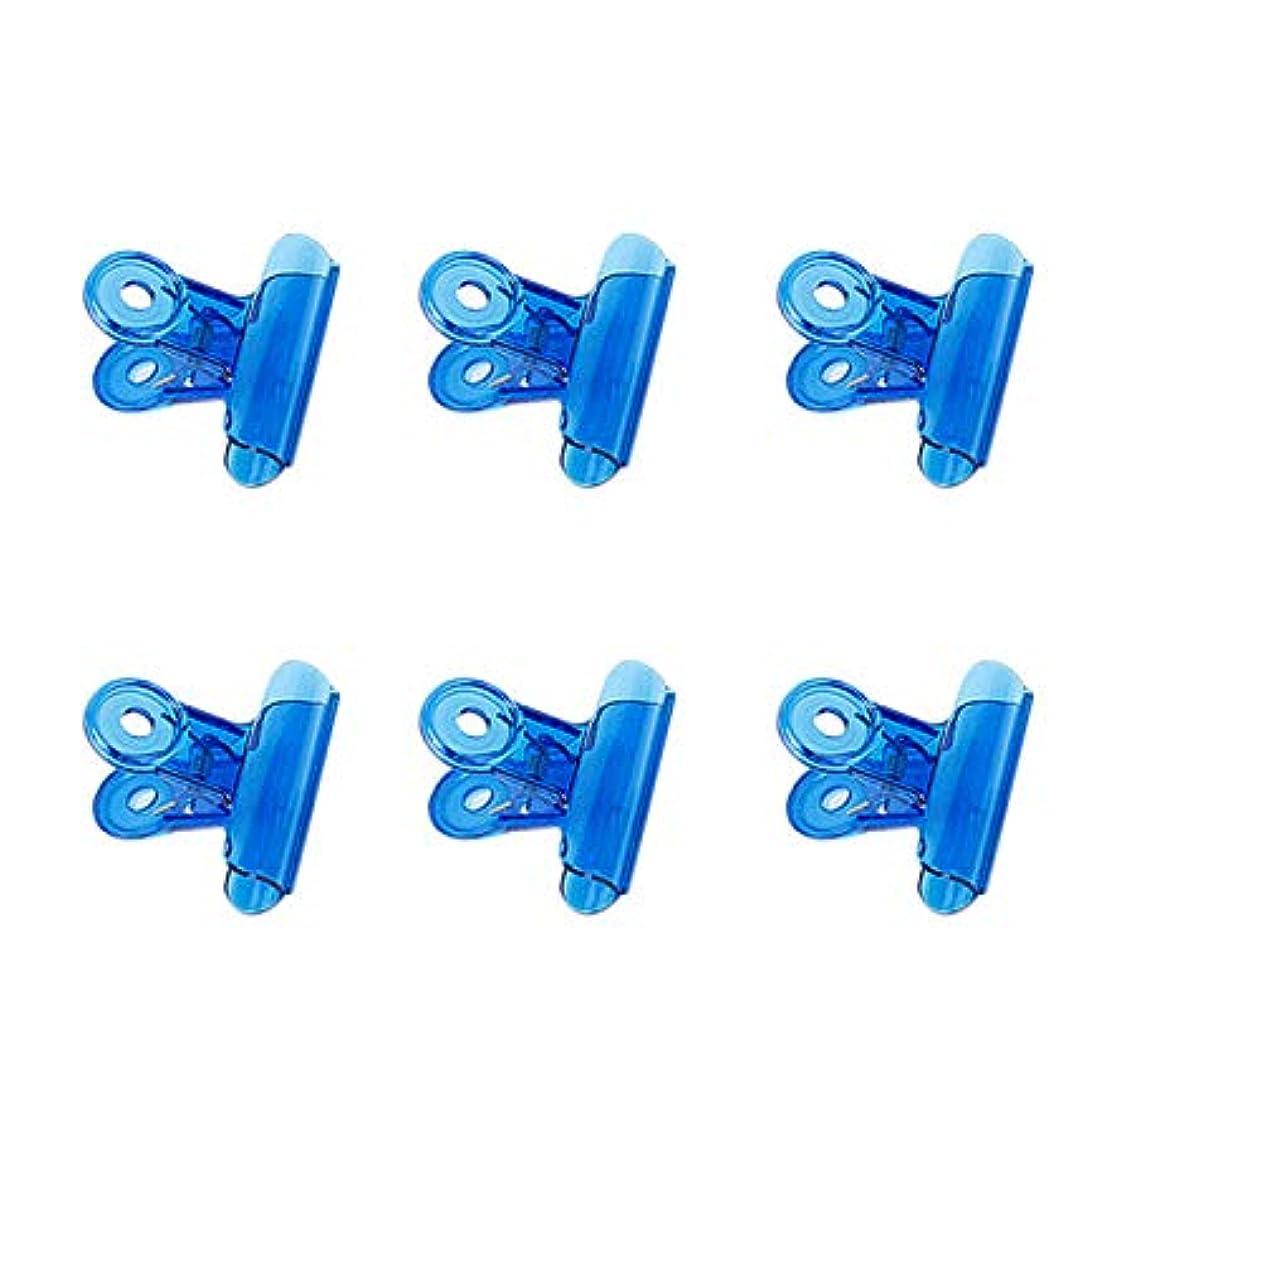 ケーブル私の積分CUHAWUDBA 6個/セット Cカーブネイルピンチクリップ 多機能ツール アクリルネイルピンチャー ペンチブルー